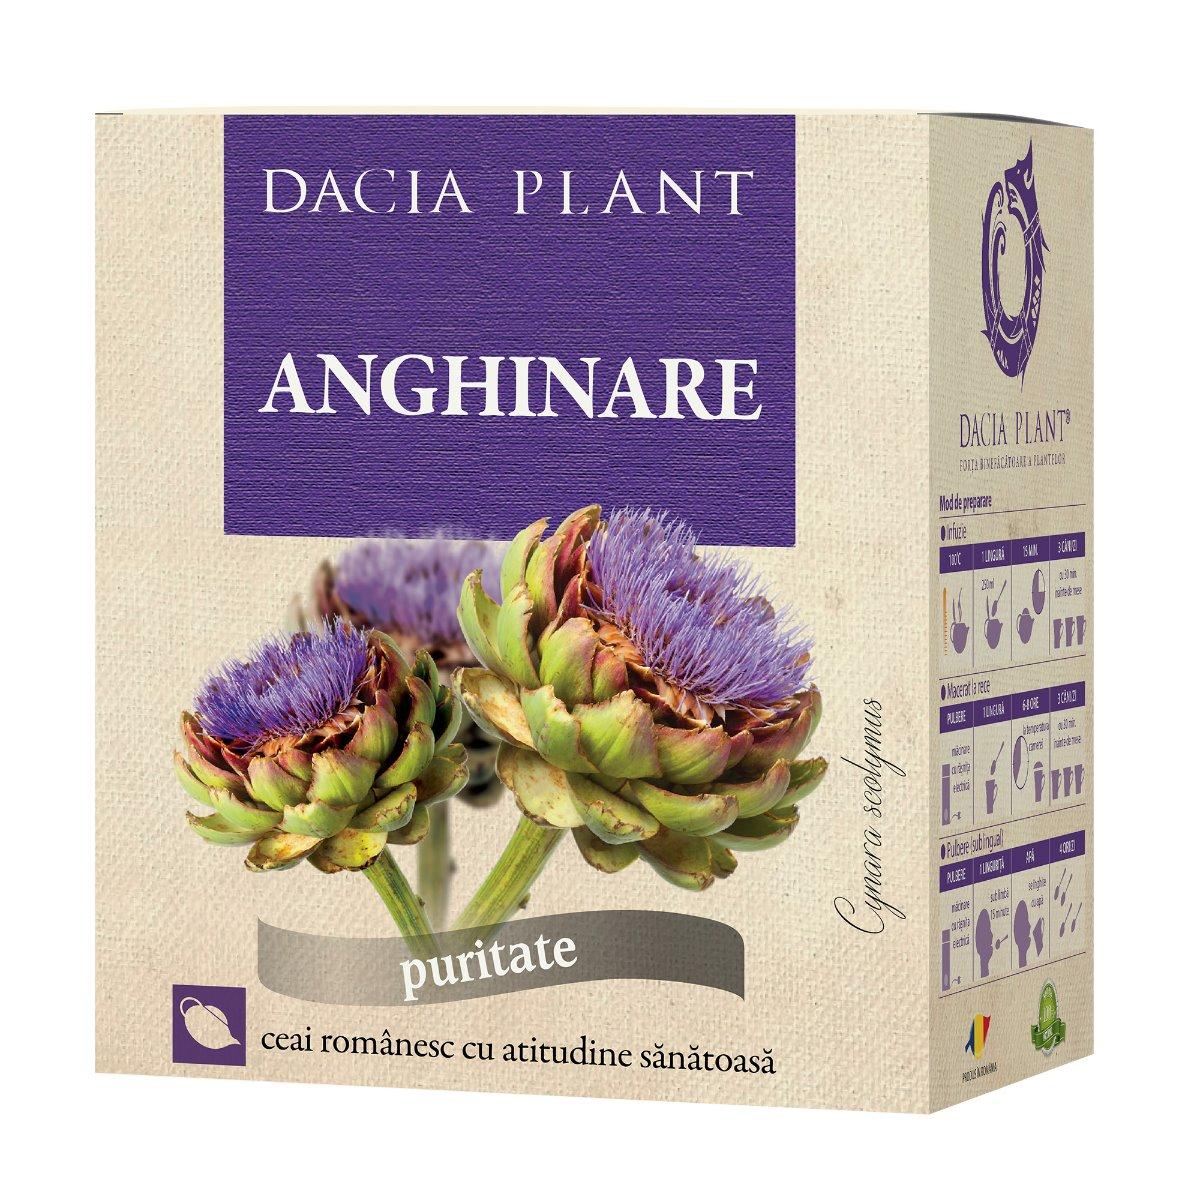 Ceai de Anghinare, 50g, Dacia Plant drmax.ro